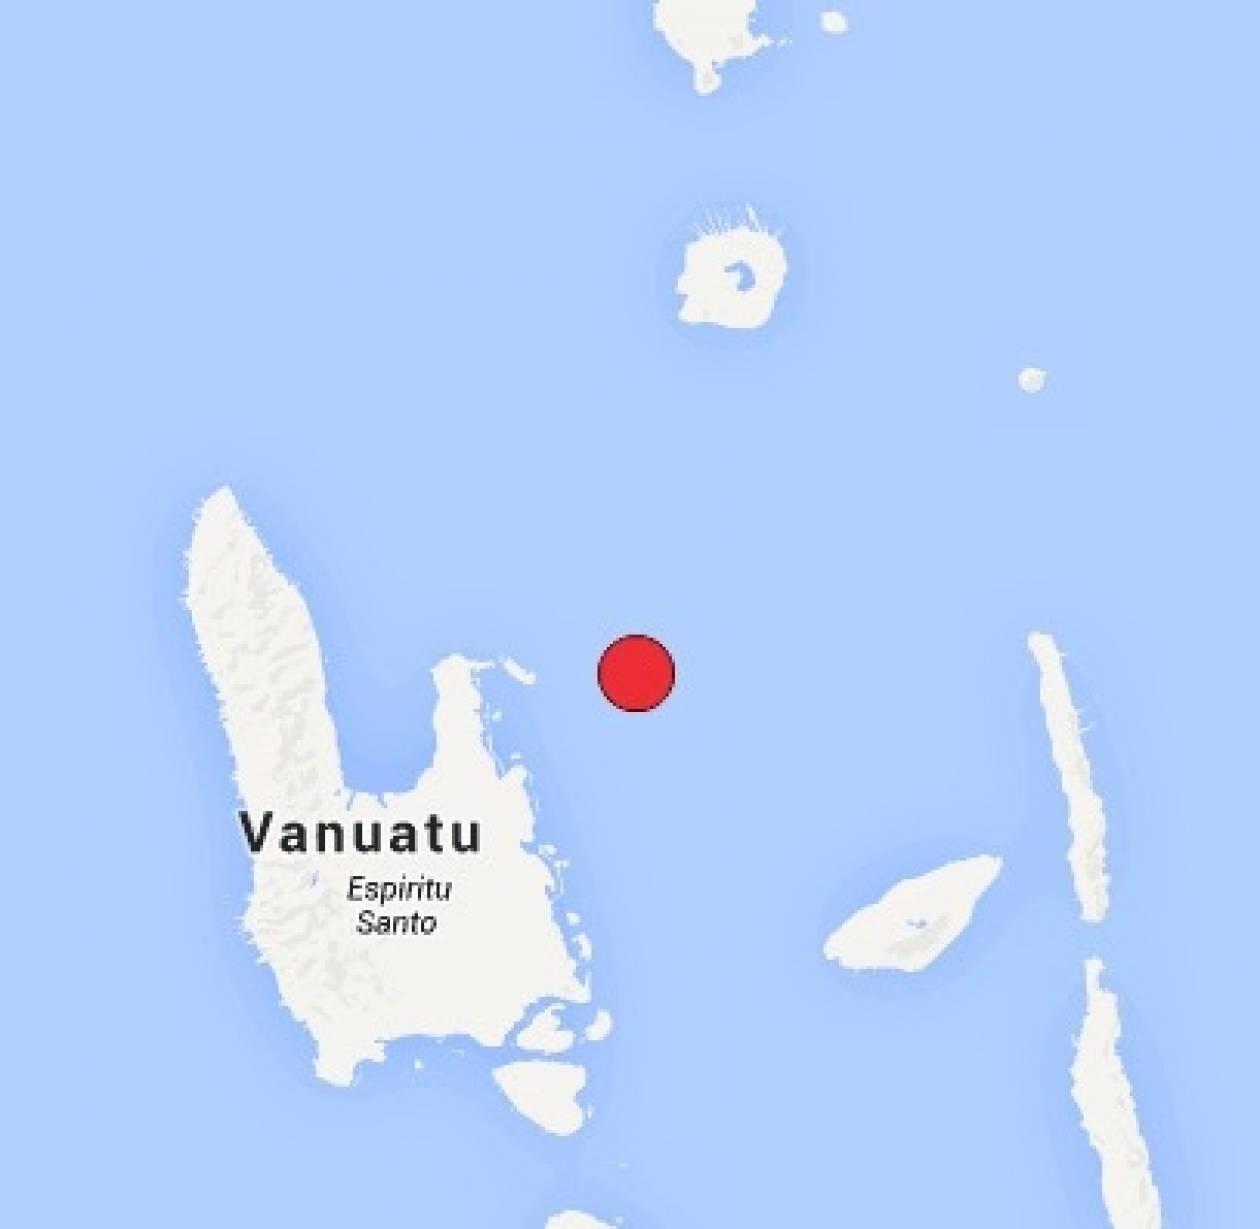 Σεισμός 6,7 Ρίχτερ στον Ειρηνικό